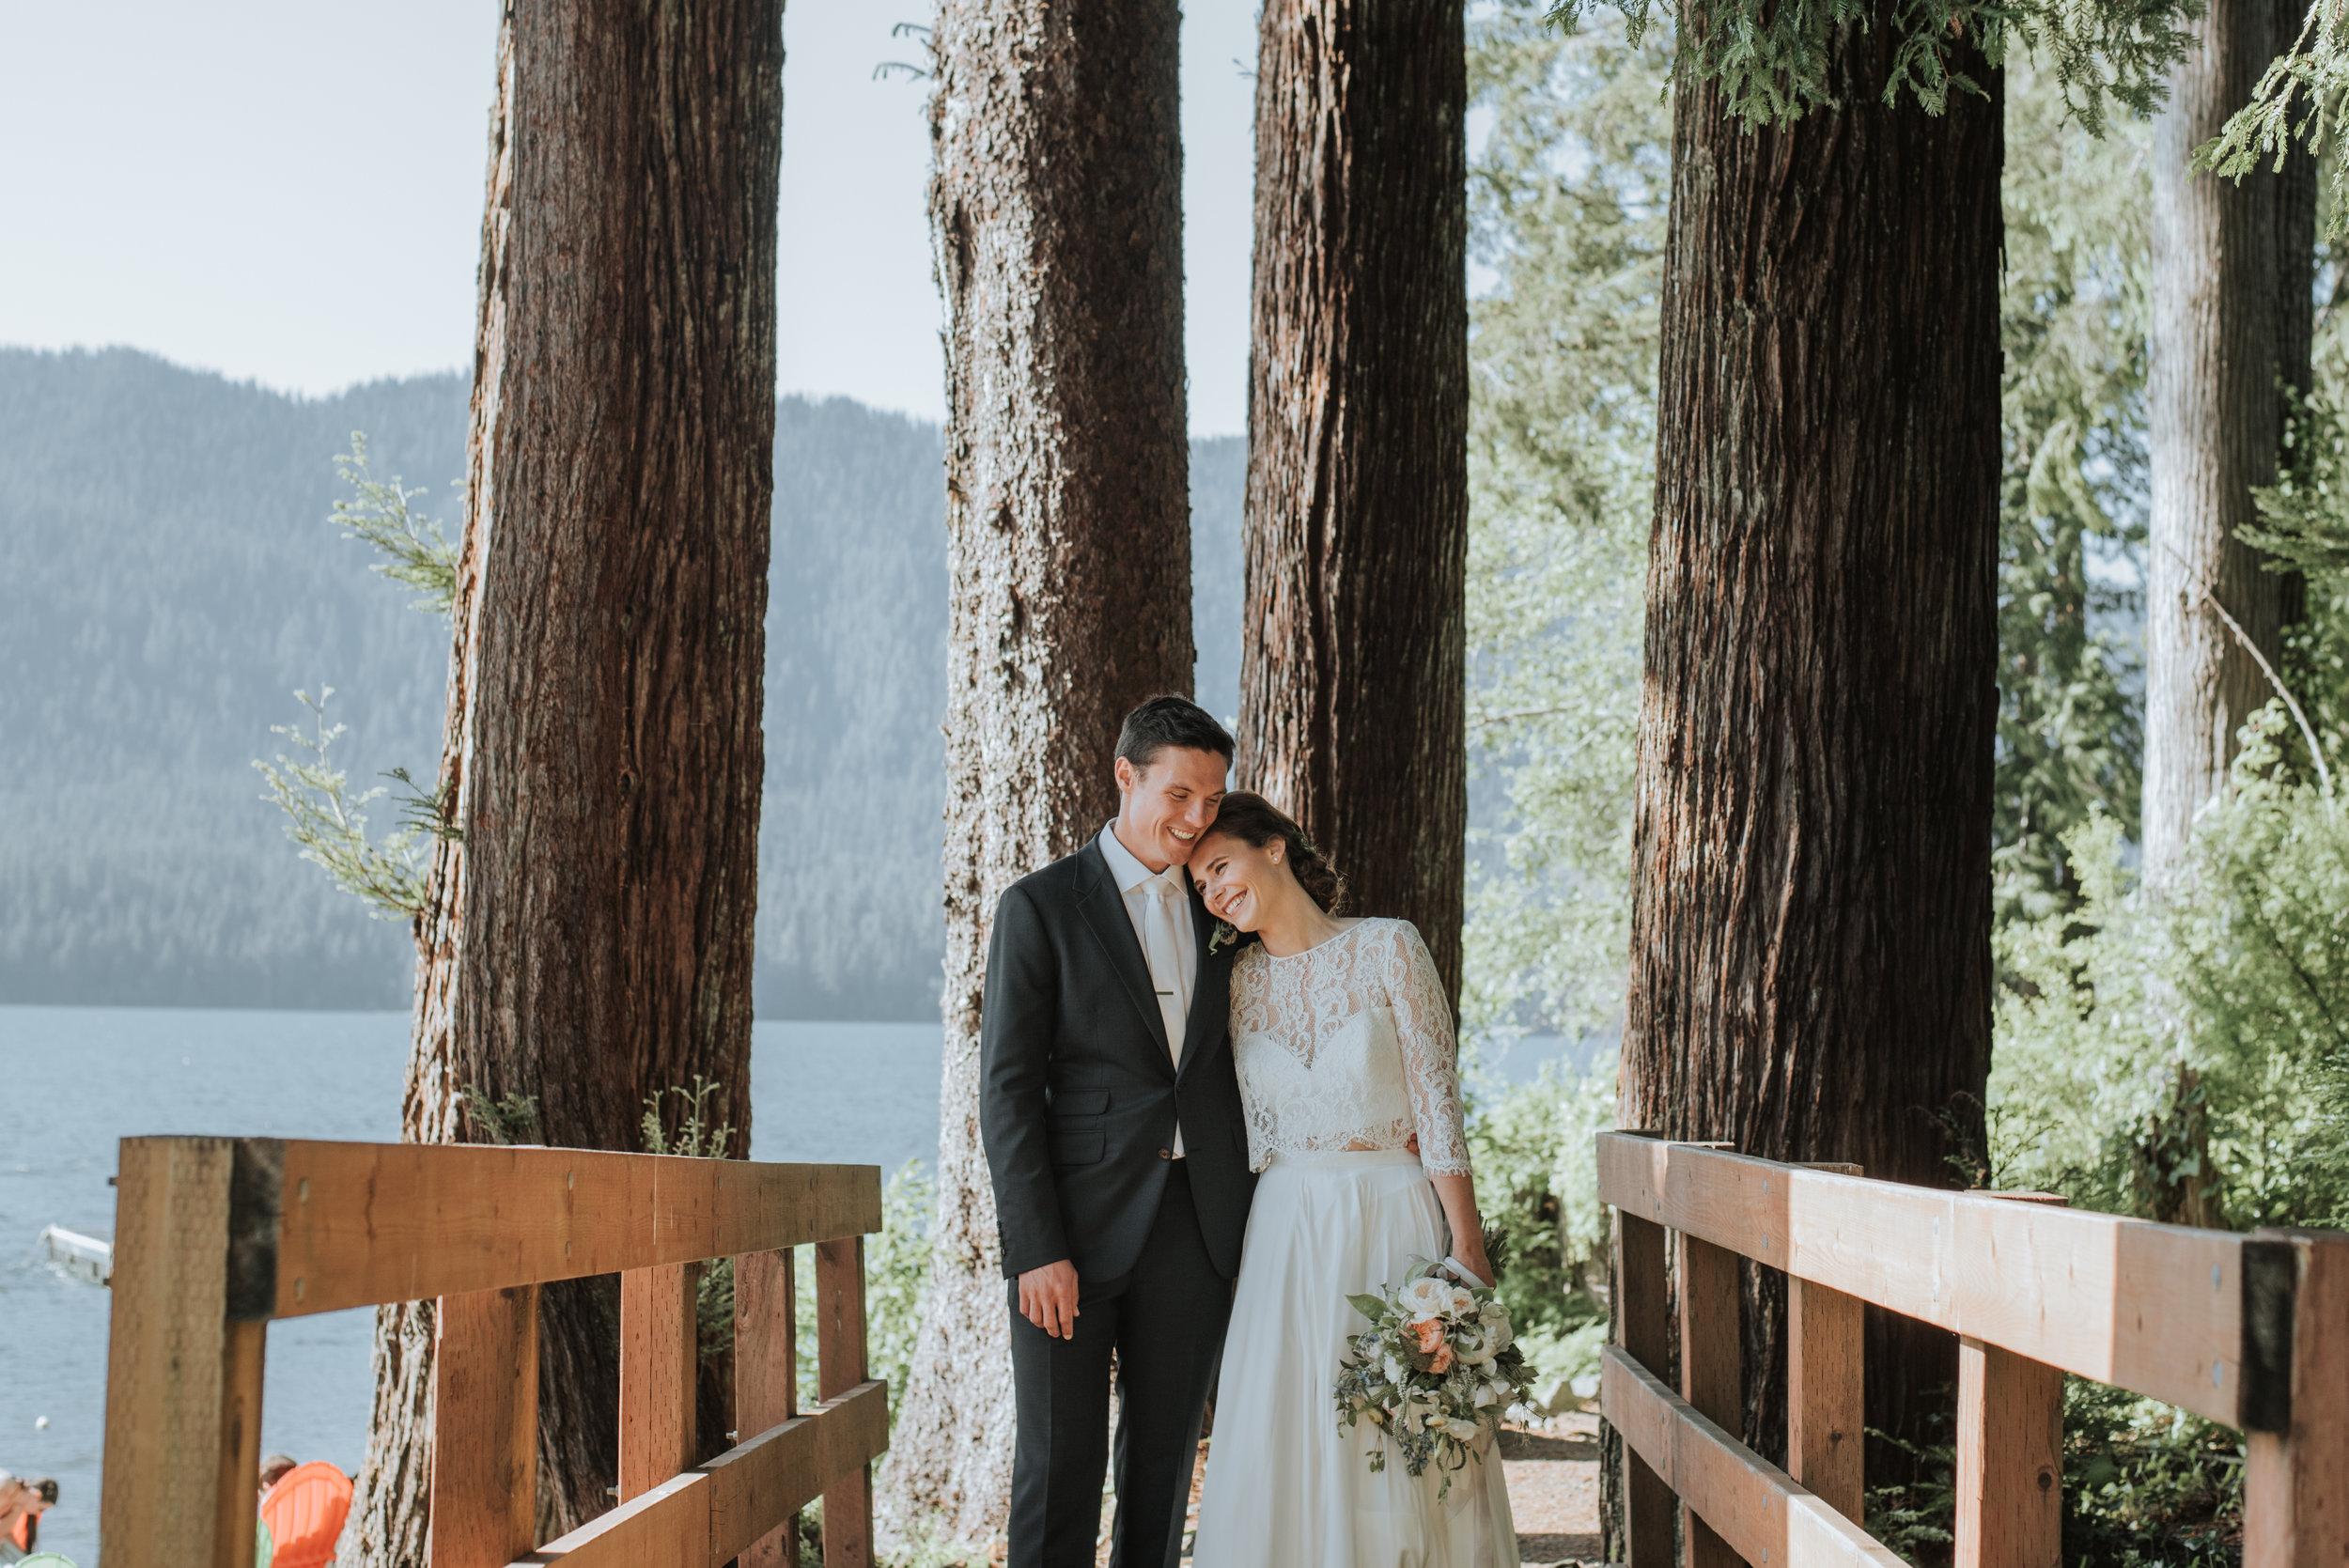 Elizabeth & Conor - Quinault, WA